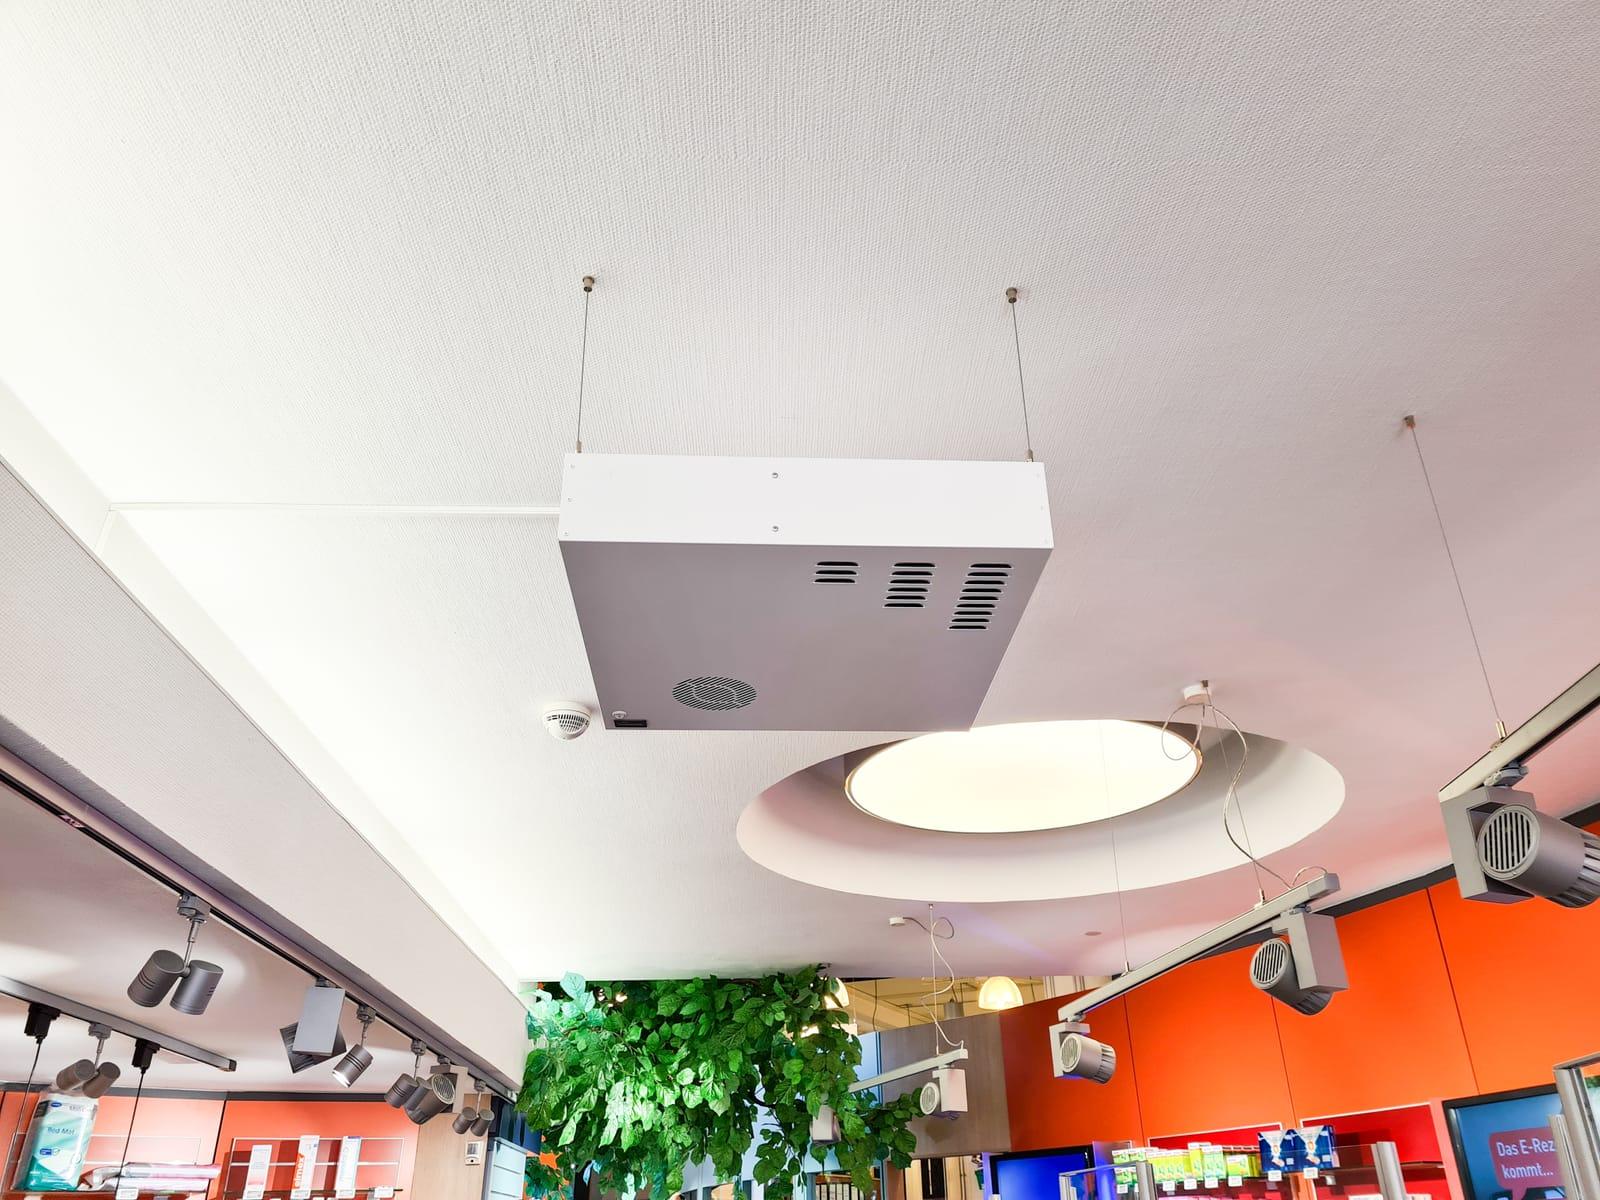 Zum zusätzlichen Schutz unserer Kunden und Mitarbeiter wurden bei uns in der Apotheke UV-C Luftentkeimungsgeräte installiert.